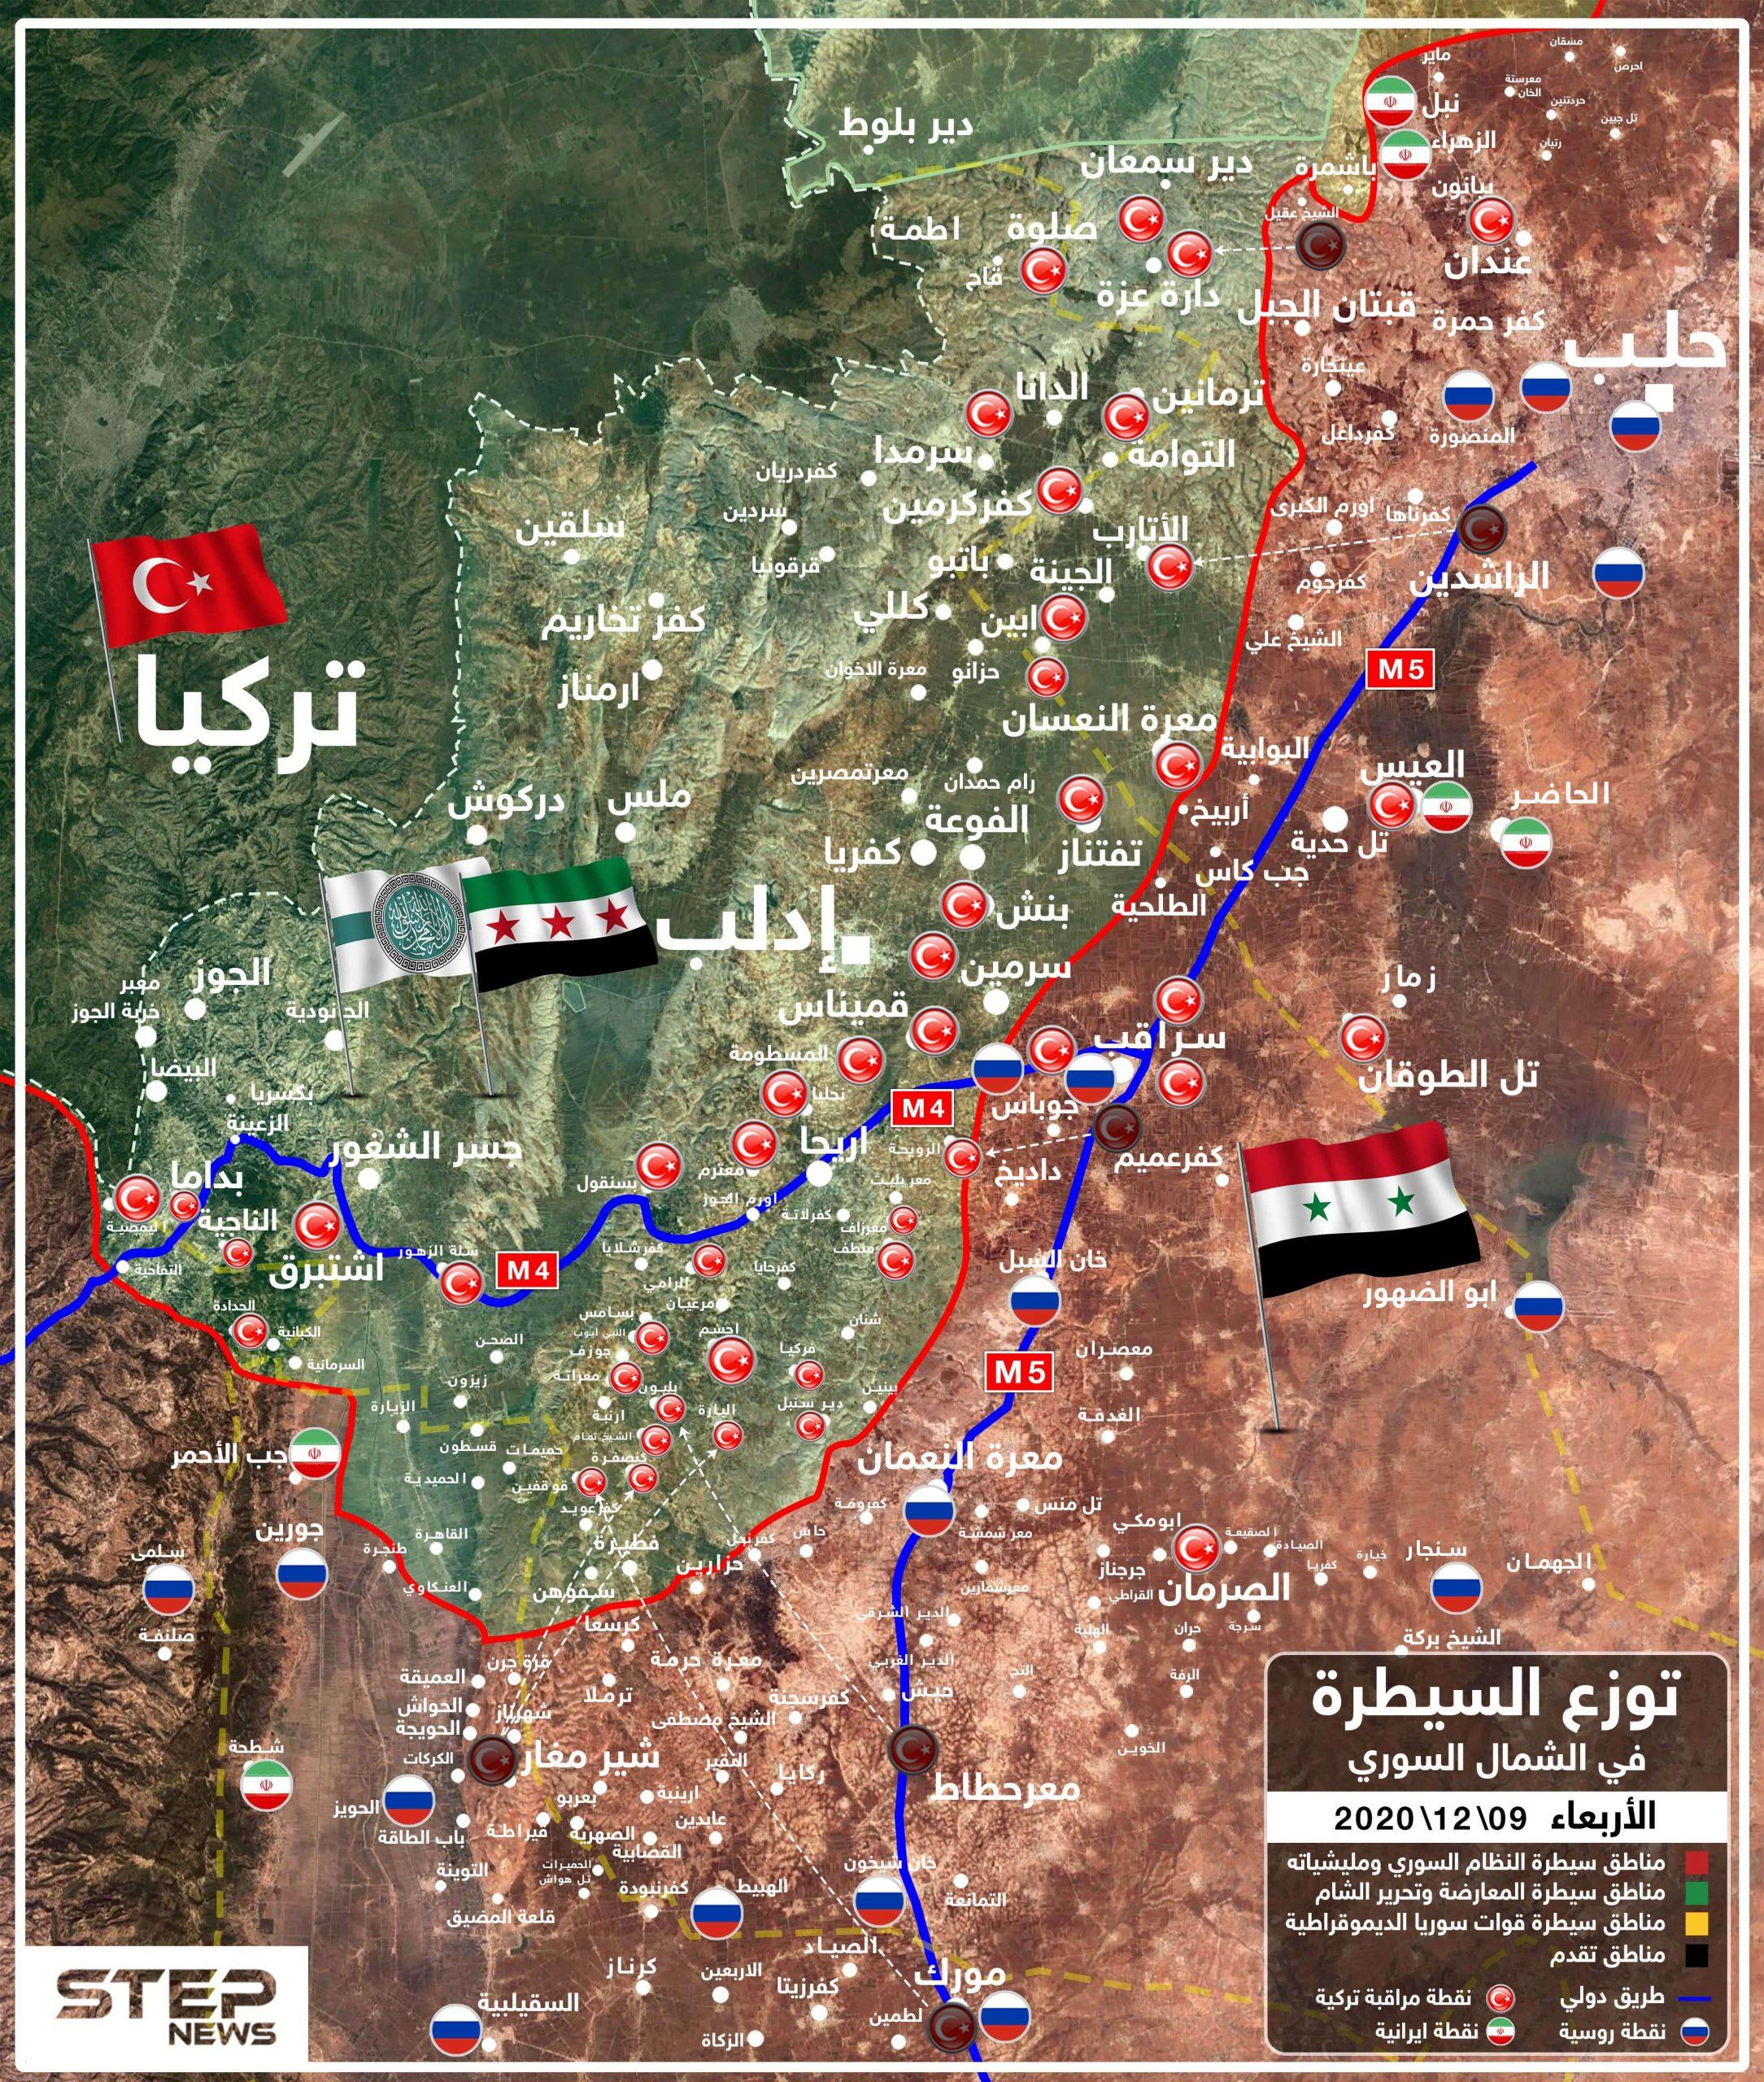 بالخريطة || أبرز النقاط التي أخلتها القوات التركية وأخرى أعادت الانتشار فيها بريف إدلب